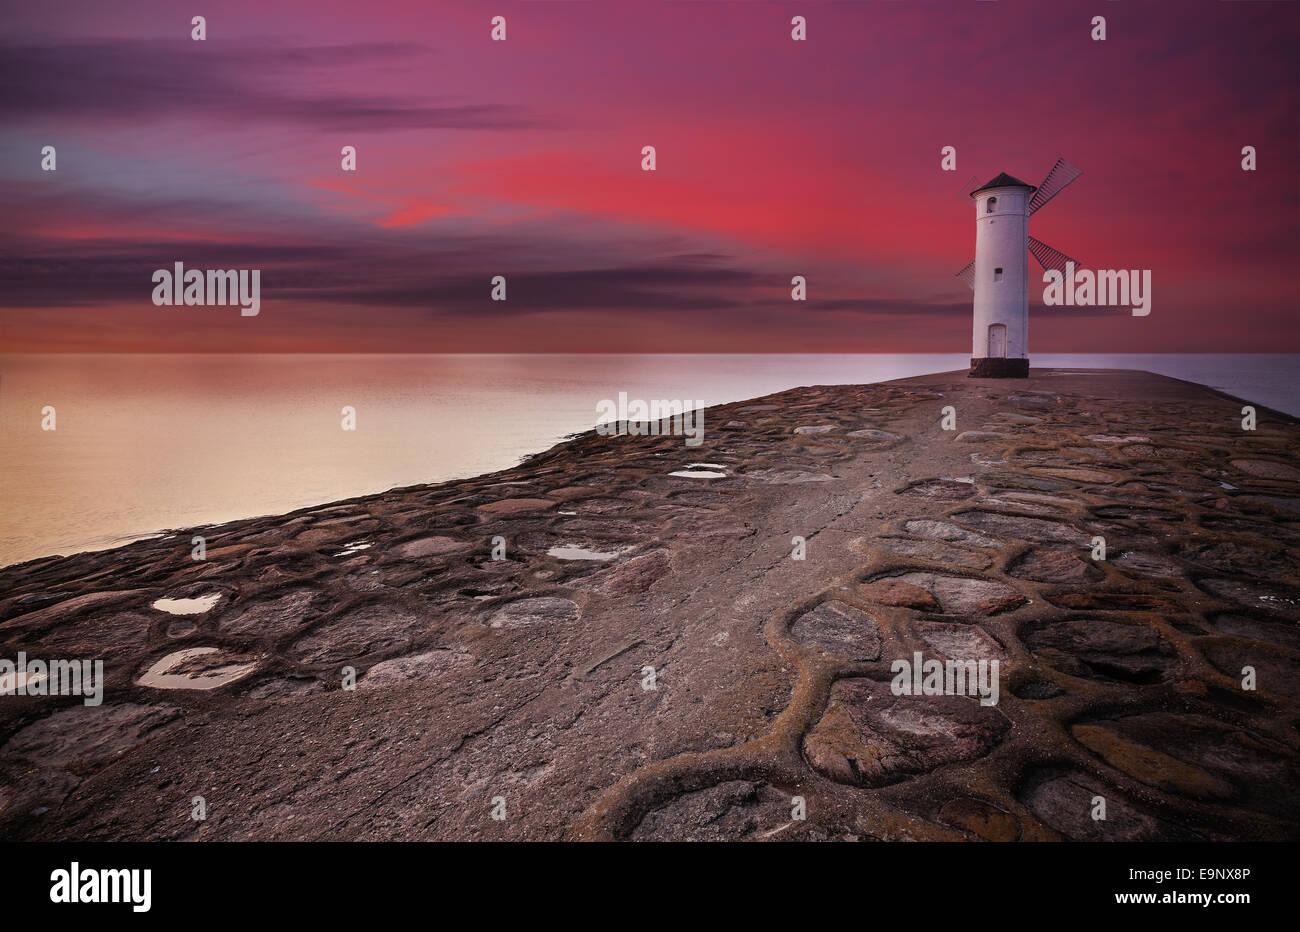 Faro molino con espectacular atardecer cielo. Imagen De Stock